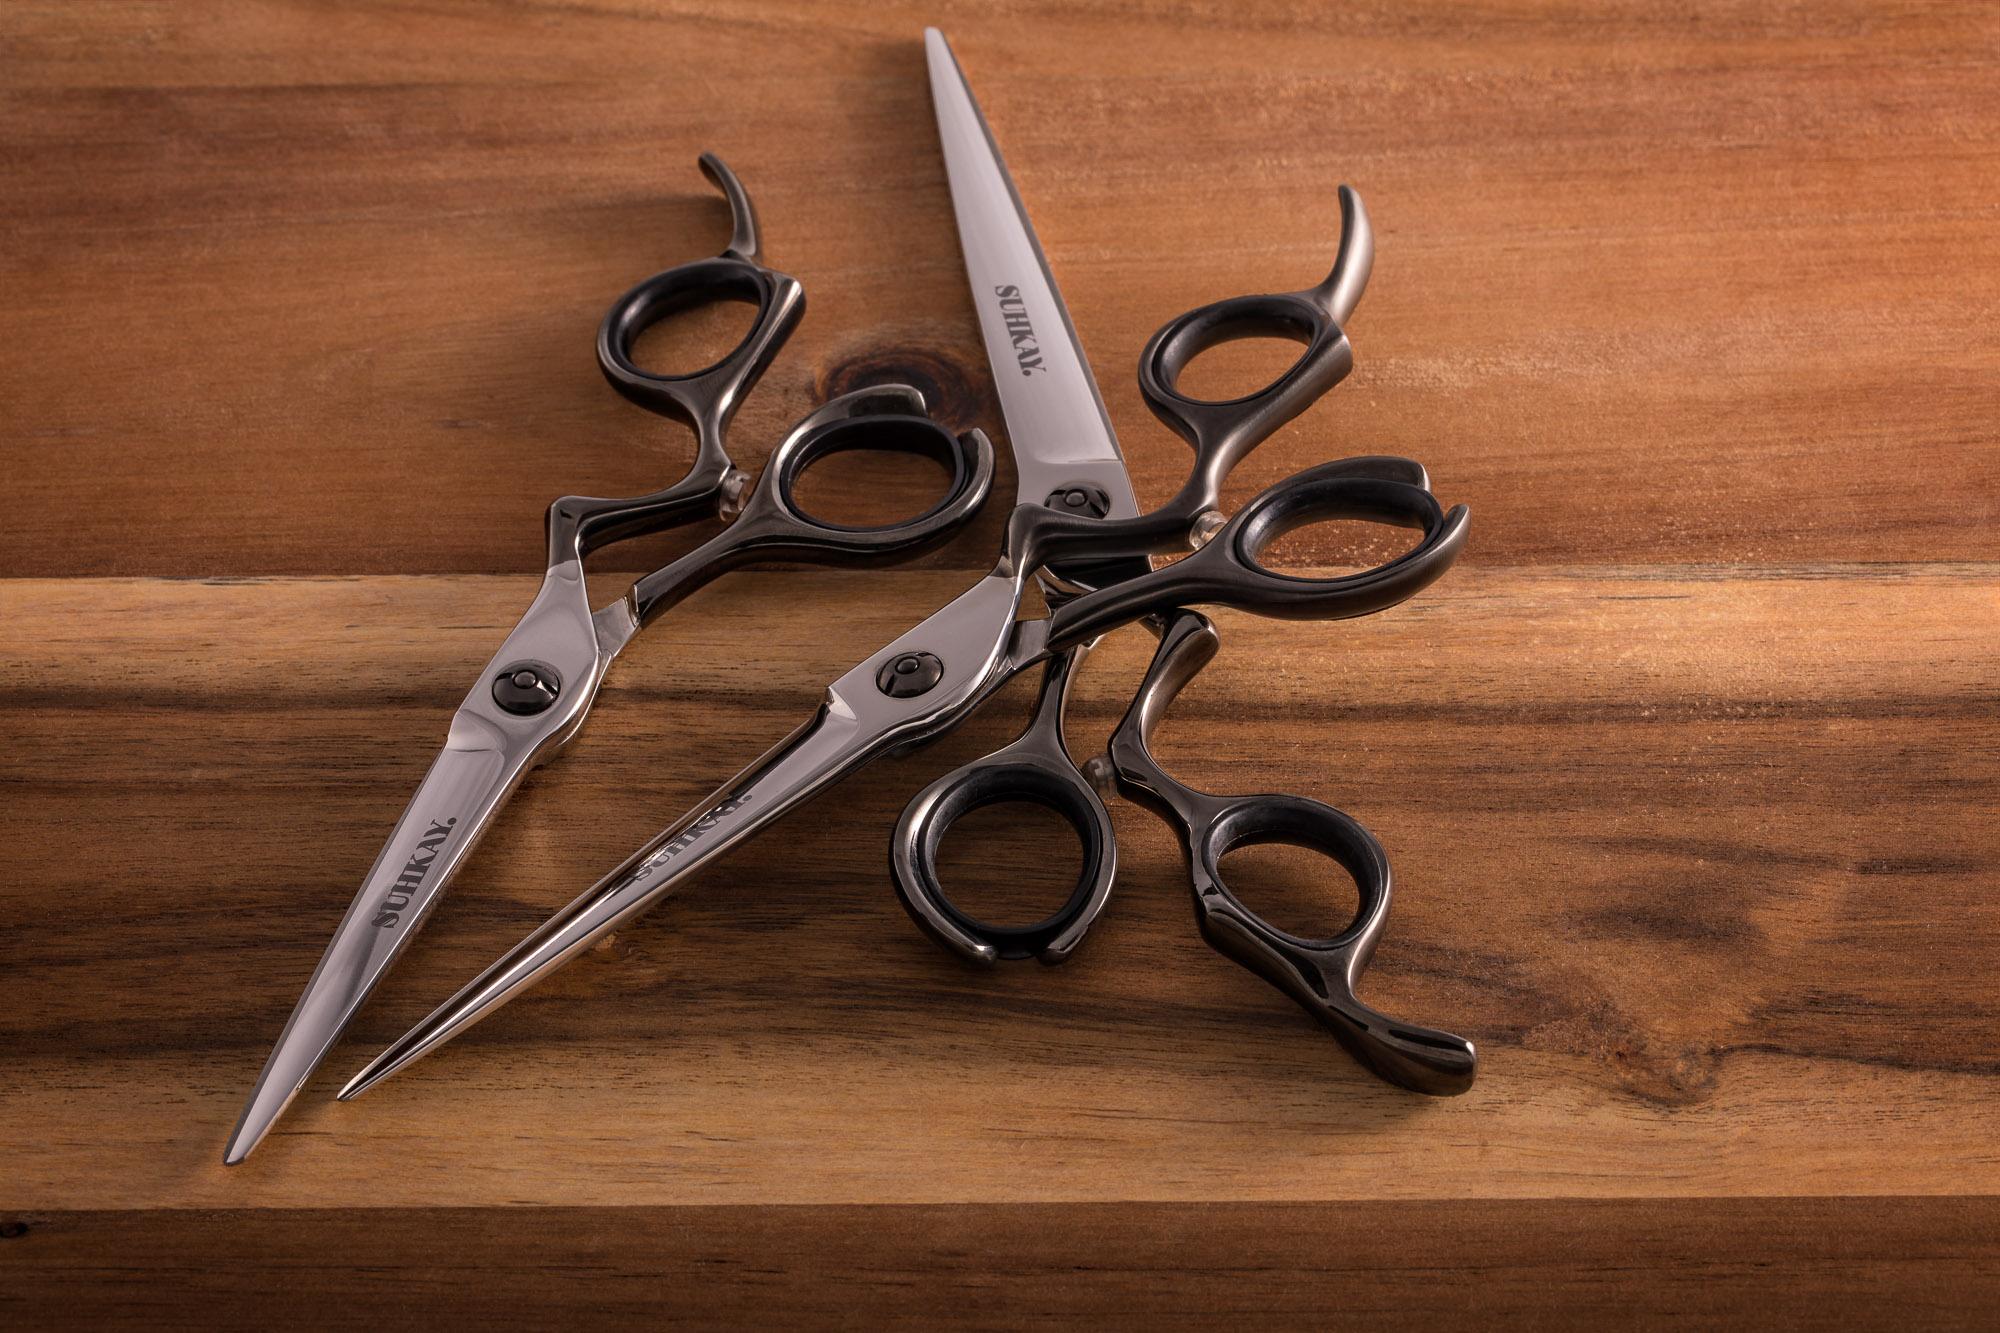 Professionelle Coiffeurscheren für Haarprofis